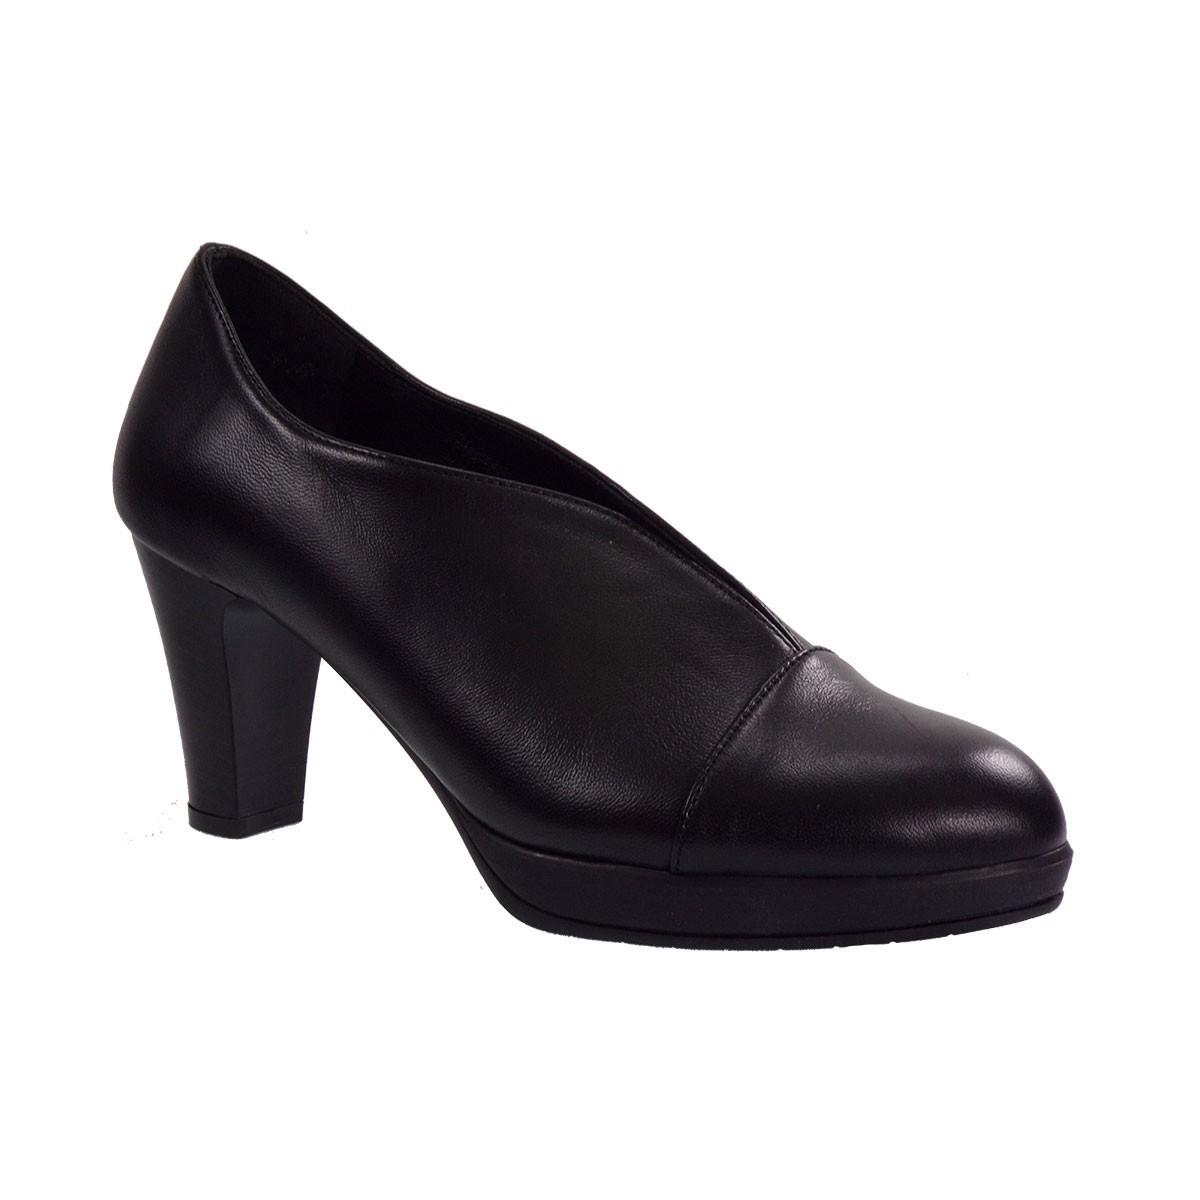 Katia Shoes (Anneto) Γυναικεία Παπούτσια Γόβες K78-5098 Μαύρο Δέρμα